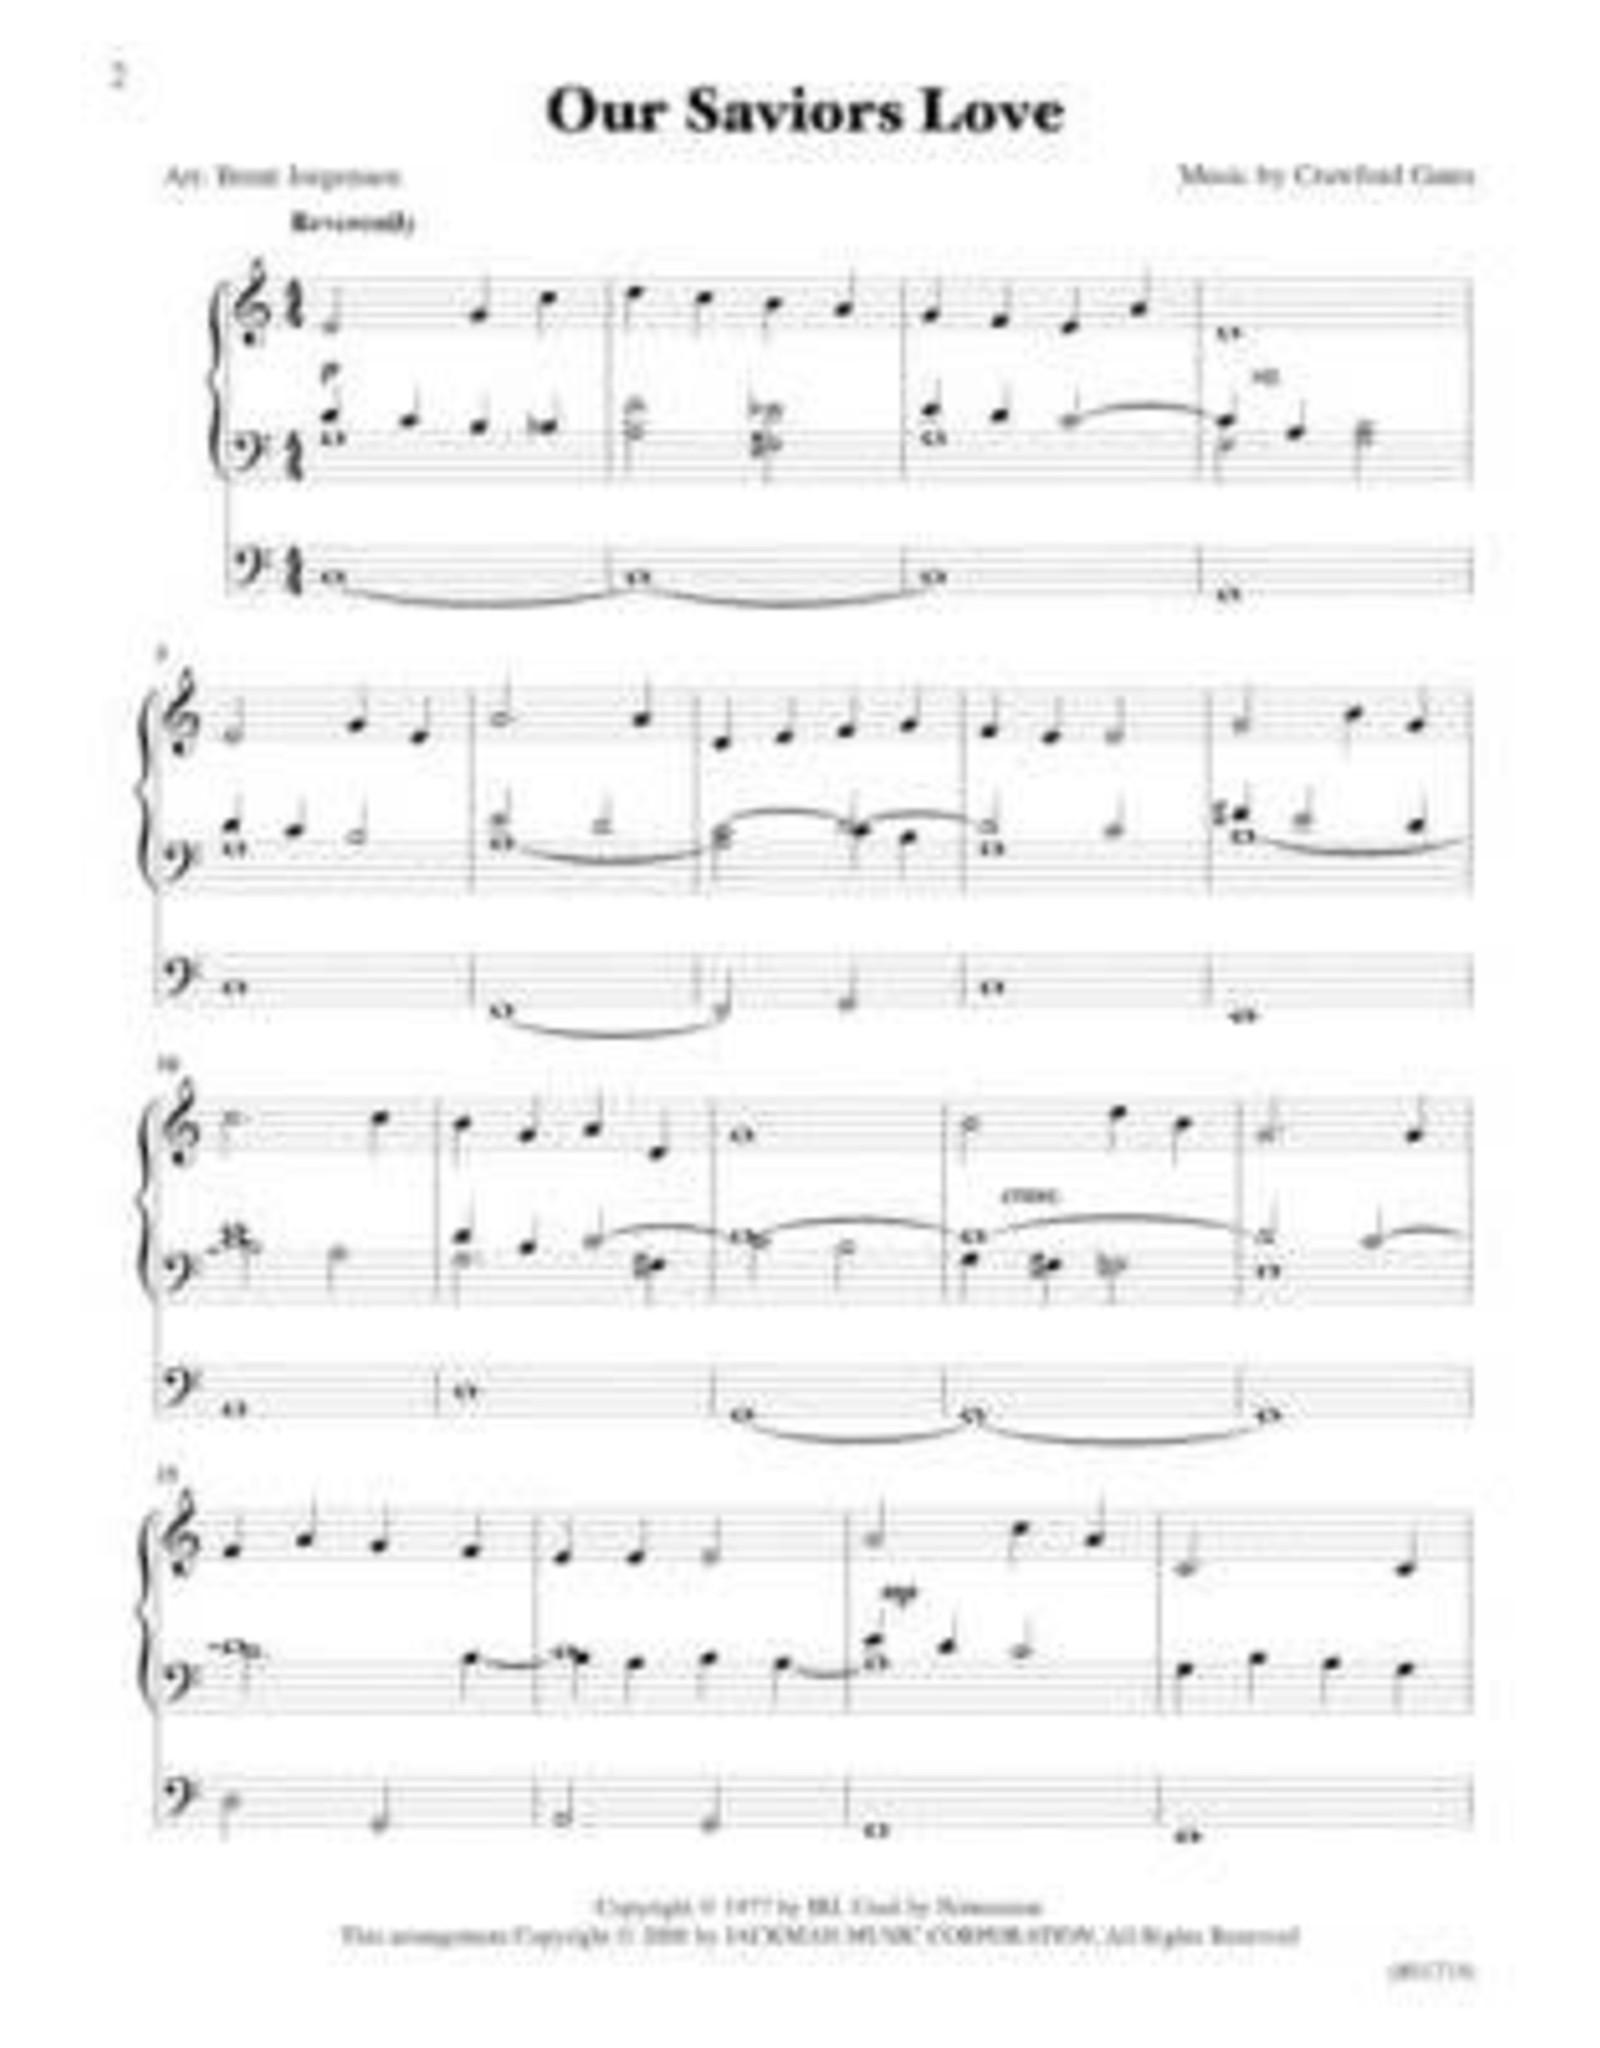 Jackman Music New Organist 4 arr. Brent Jorgensen